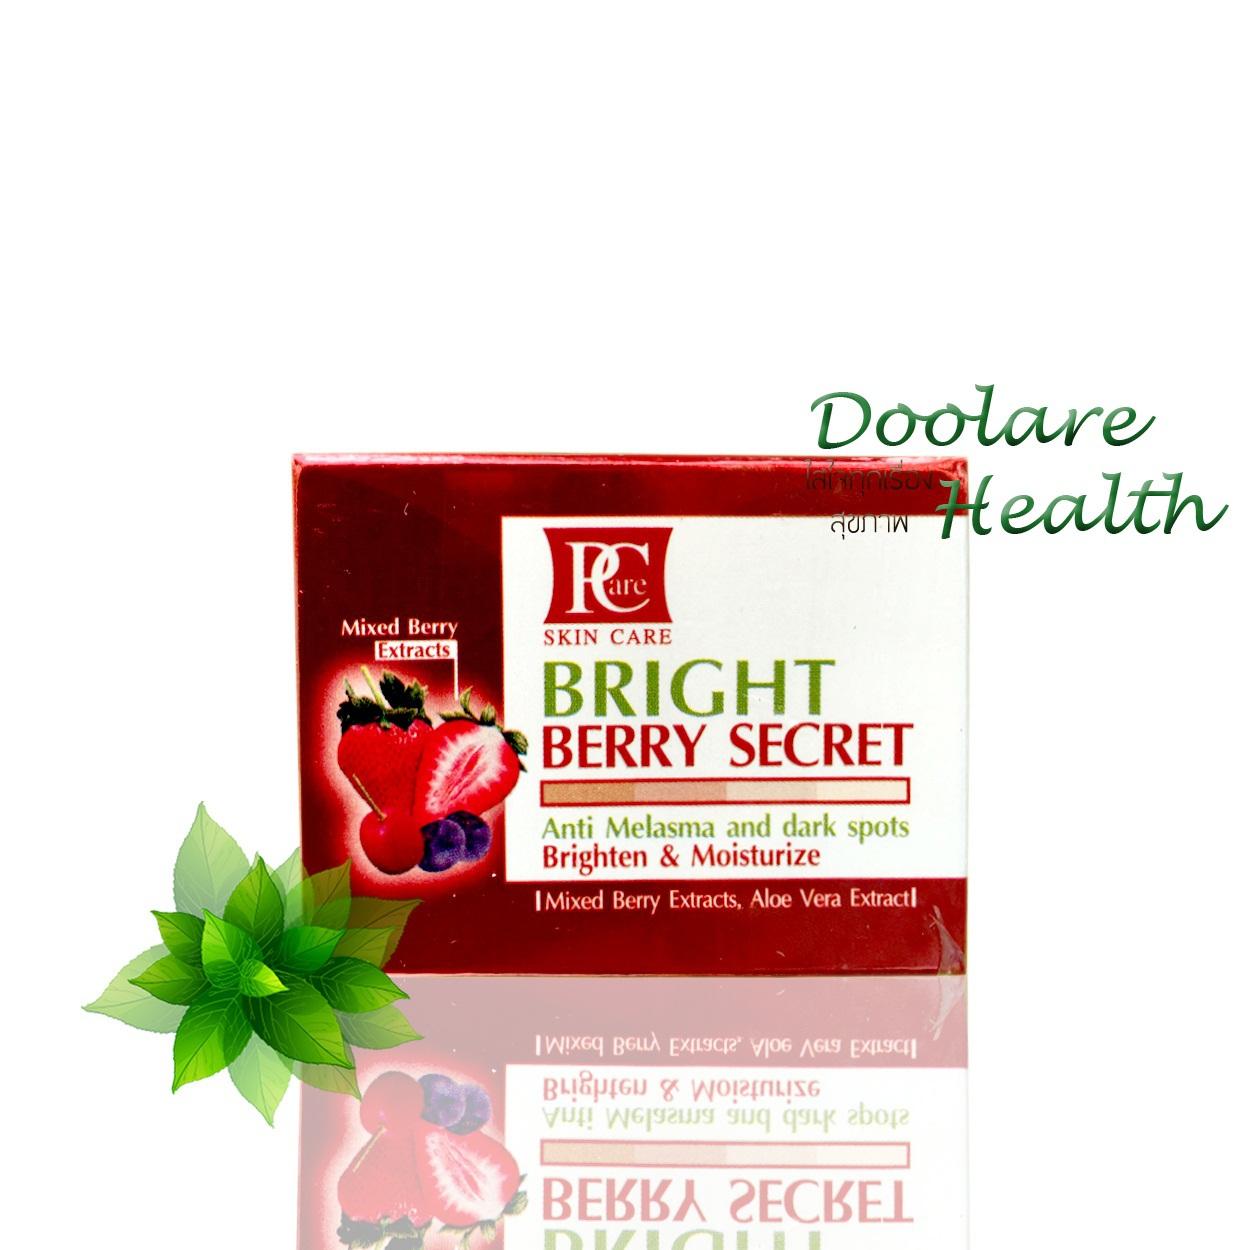 Bright Berry Secret (ไบรท์ เบอร์รี่ ซีเครท) 10 ml. ราคา 350 บาท ส่งฟรี